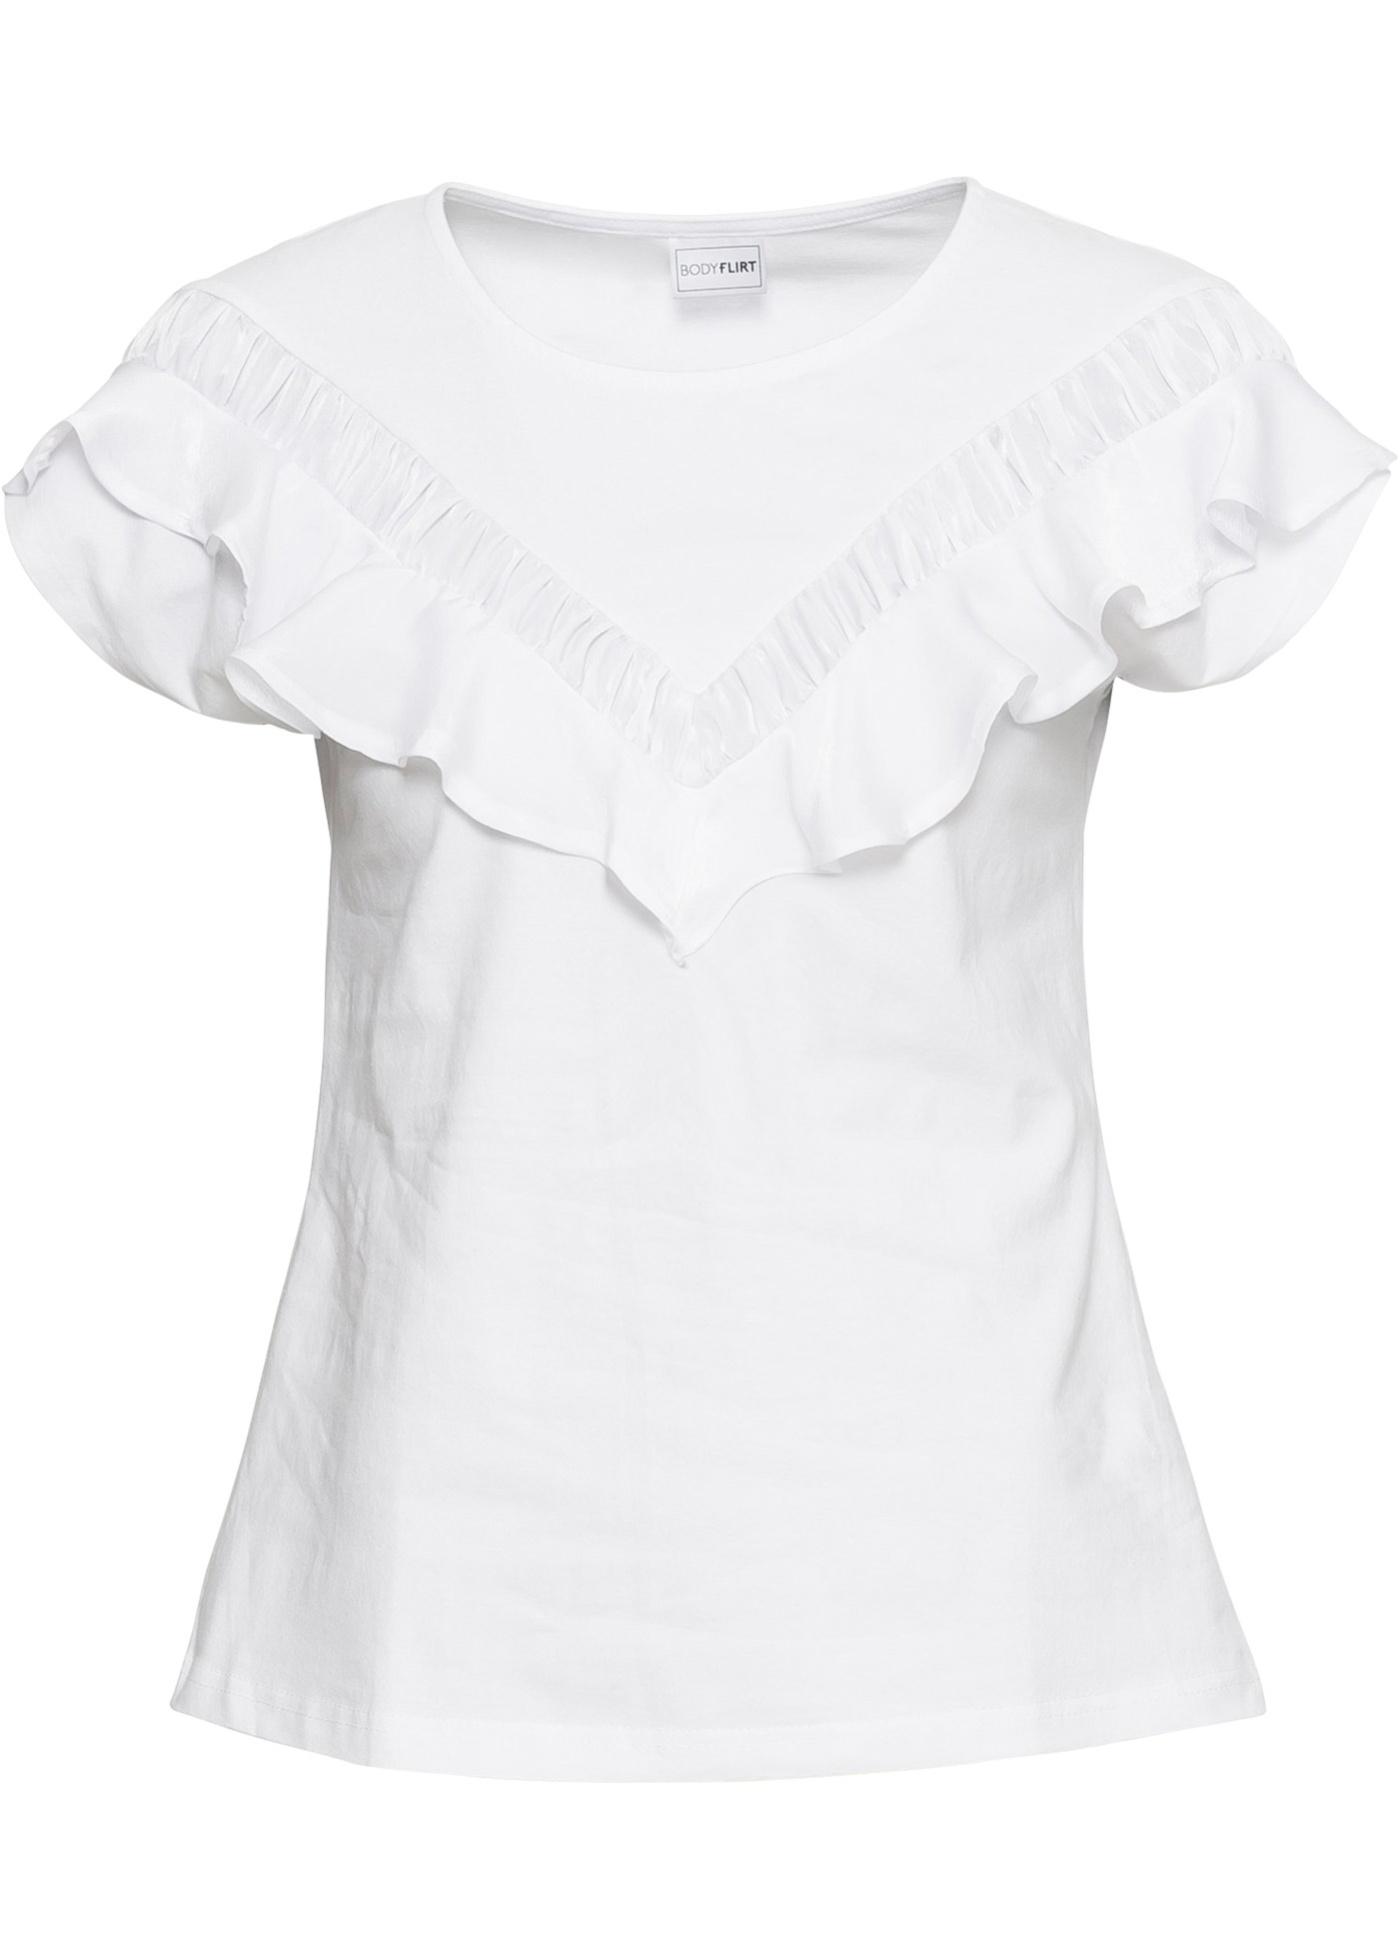 Pour shirt Blanc Manches BonprixT Courtes Bodyflirt Femme T1JKcFl3